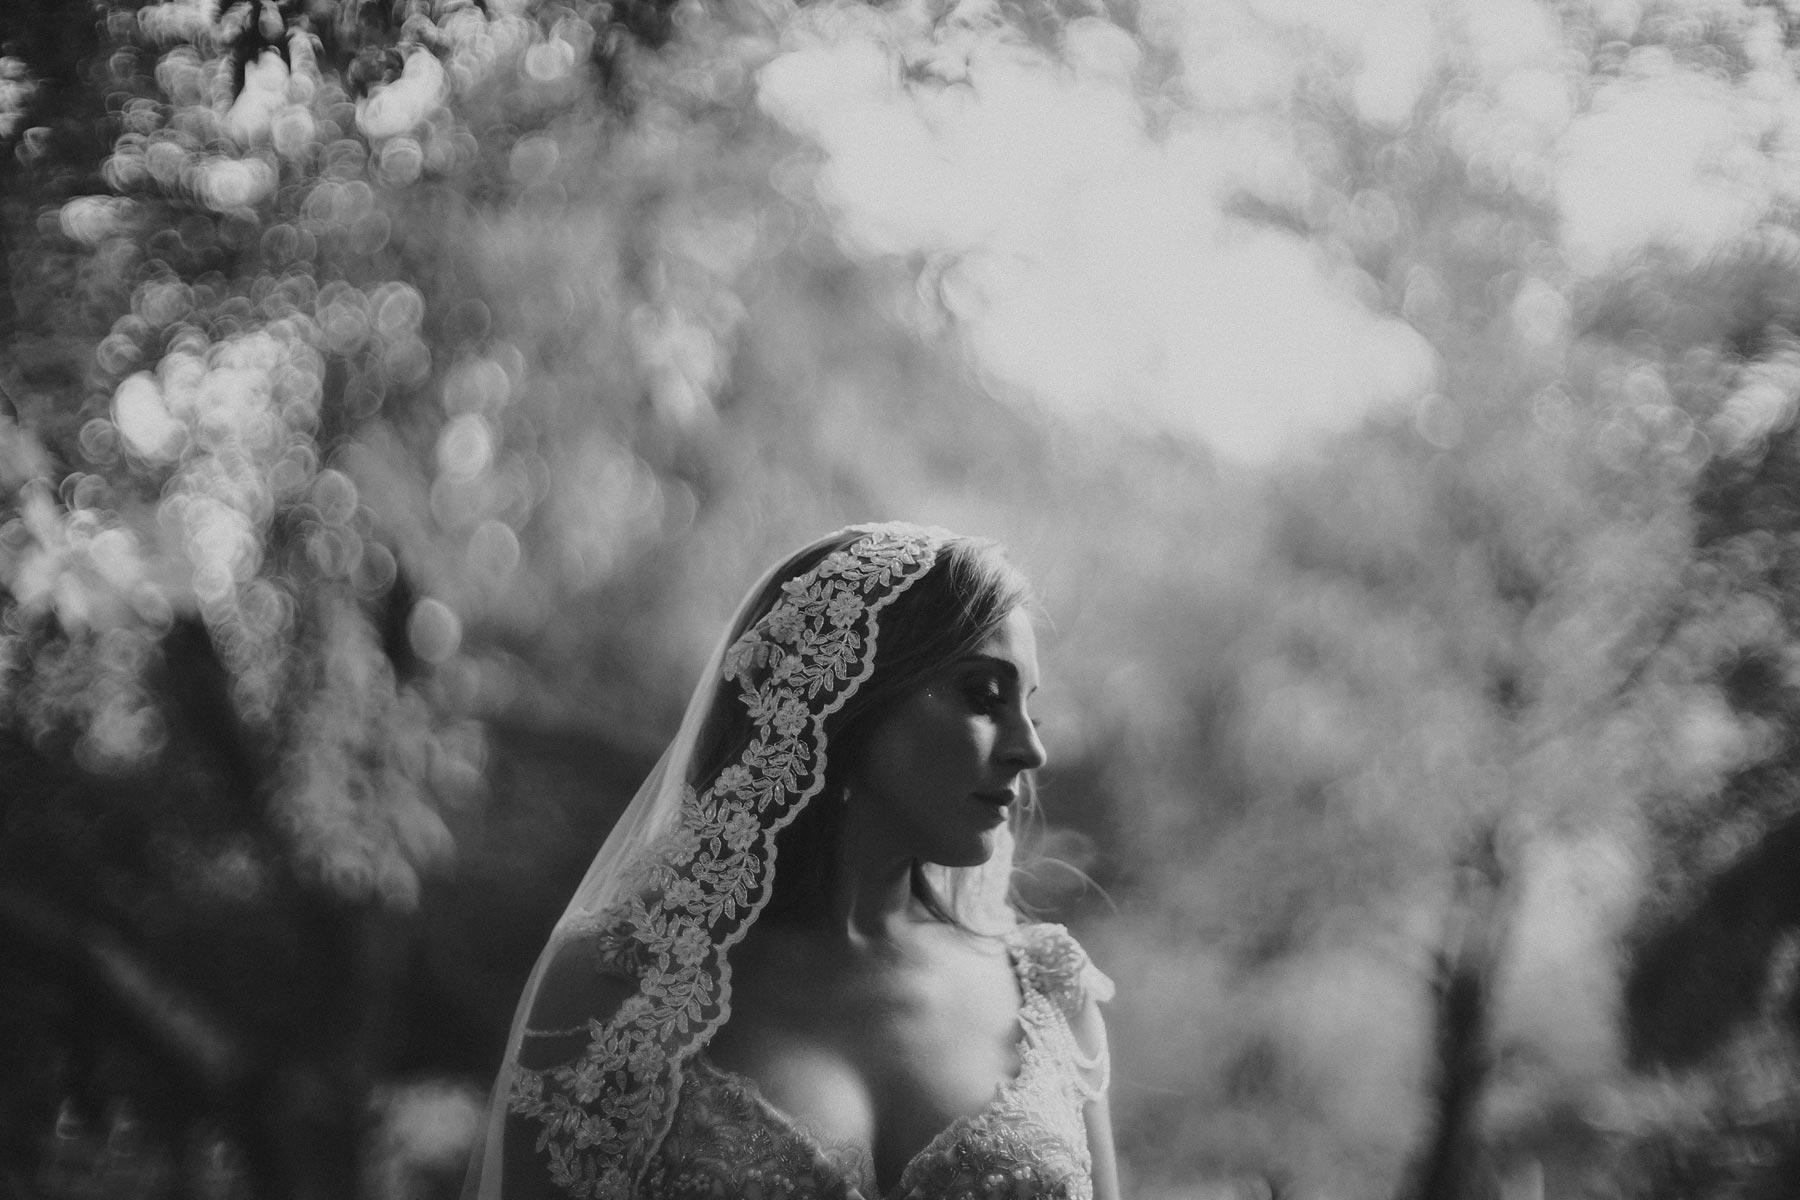 fotografo-de-bodas-en-san-pedro-garza-garcia-27